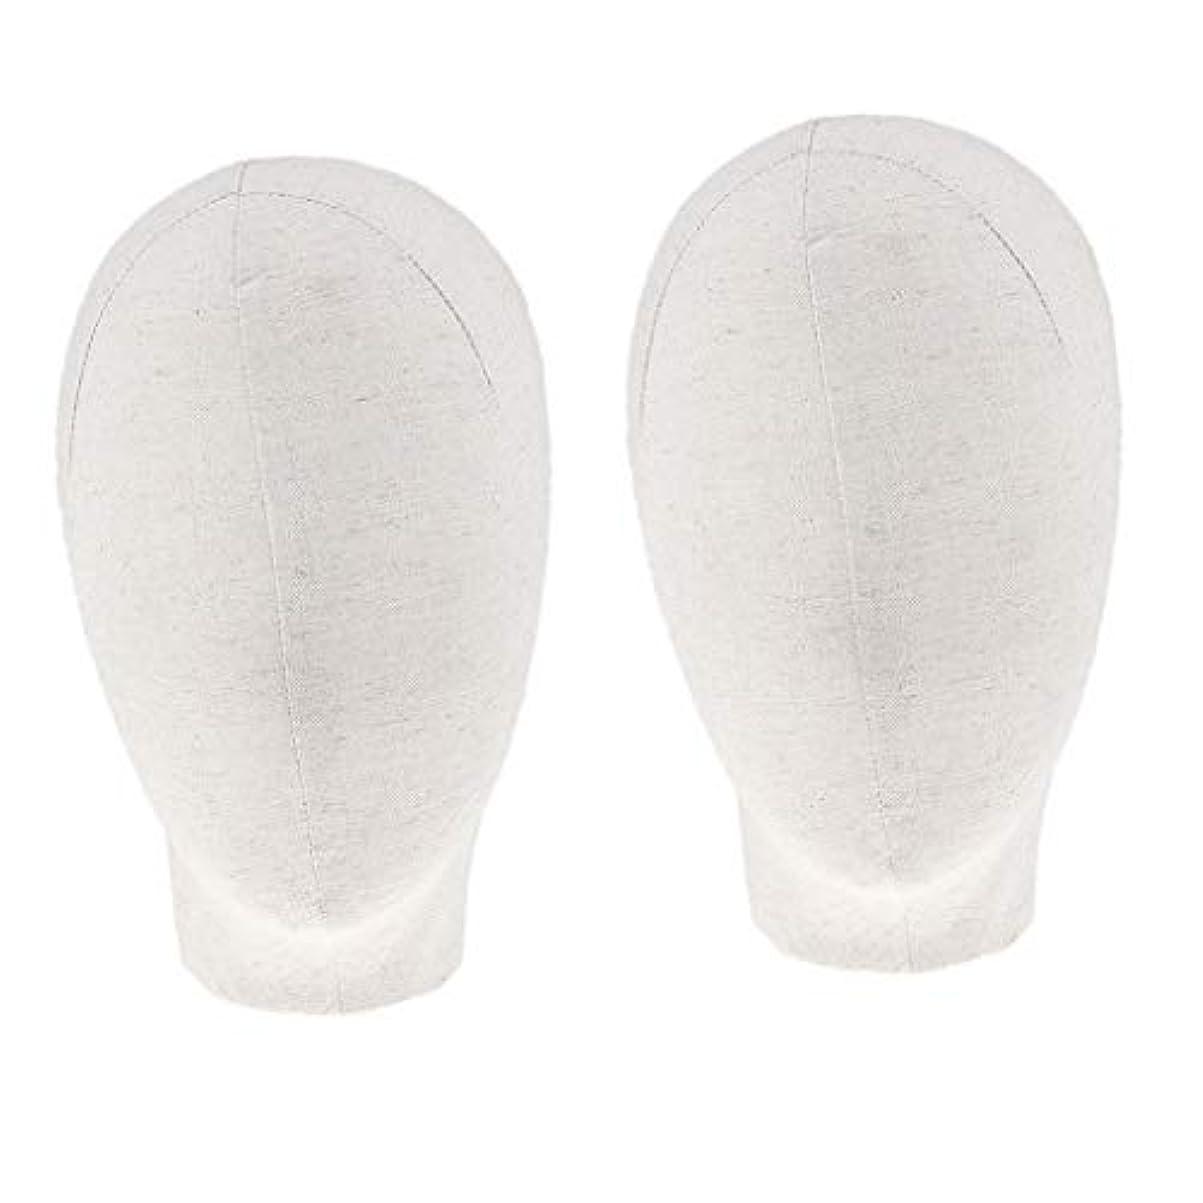 踏み台雪だるまを作るディスパッチDYNWAVE マネキンヘッド キャンバスブロック 21インチ かつら 帽子 メガネ ディスプレイ ホルダー